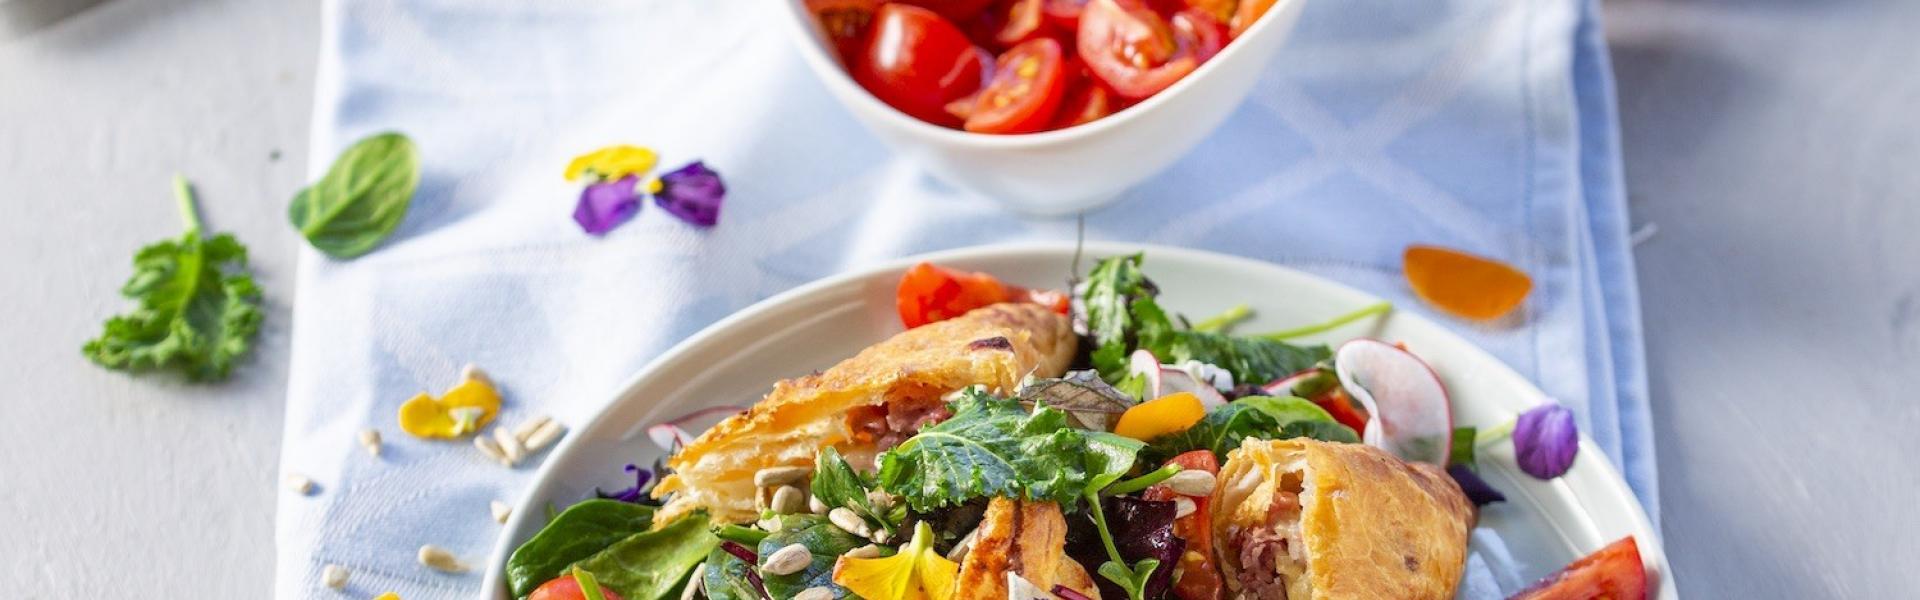 Spargel in Blätterteig auf einem bunten Salat in einem Teller. Daneben Tomaten, Radieschen, Blätterteigtaschen.